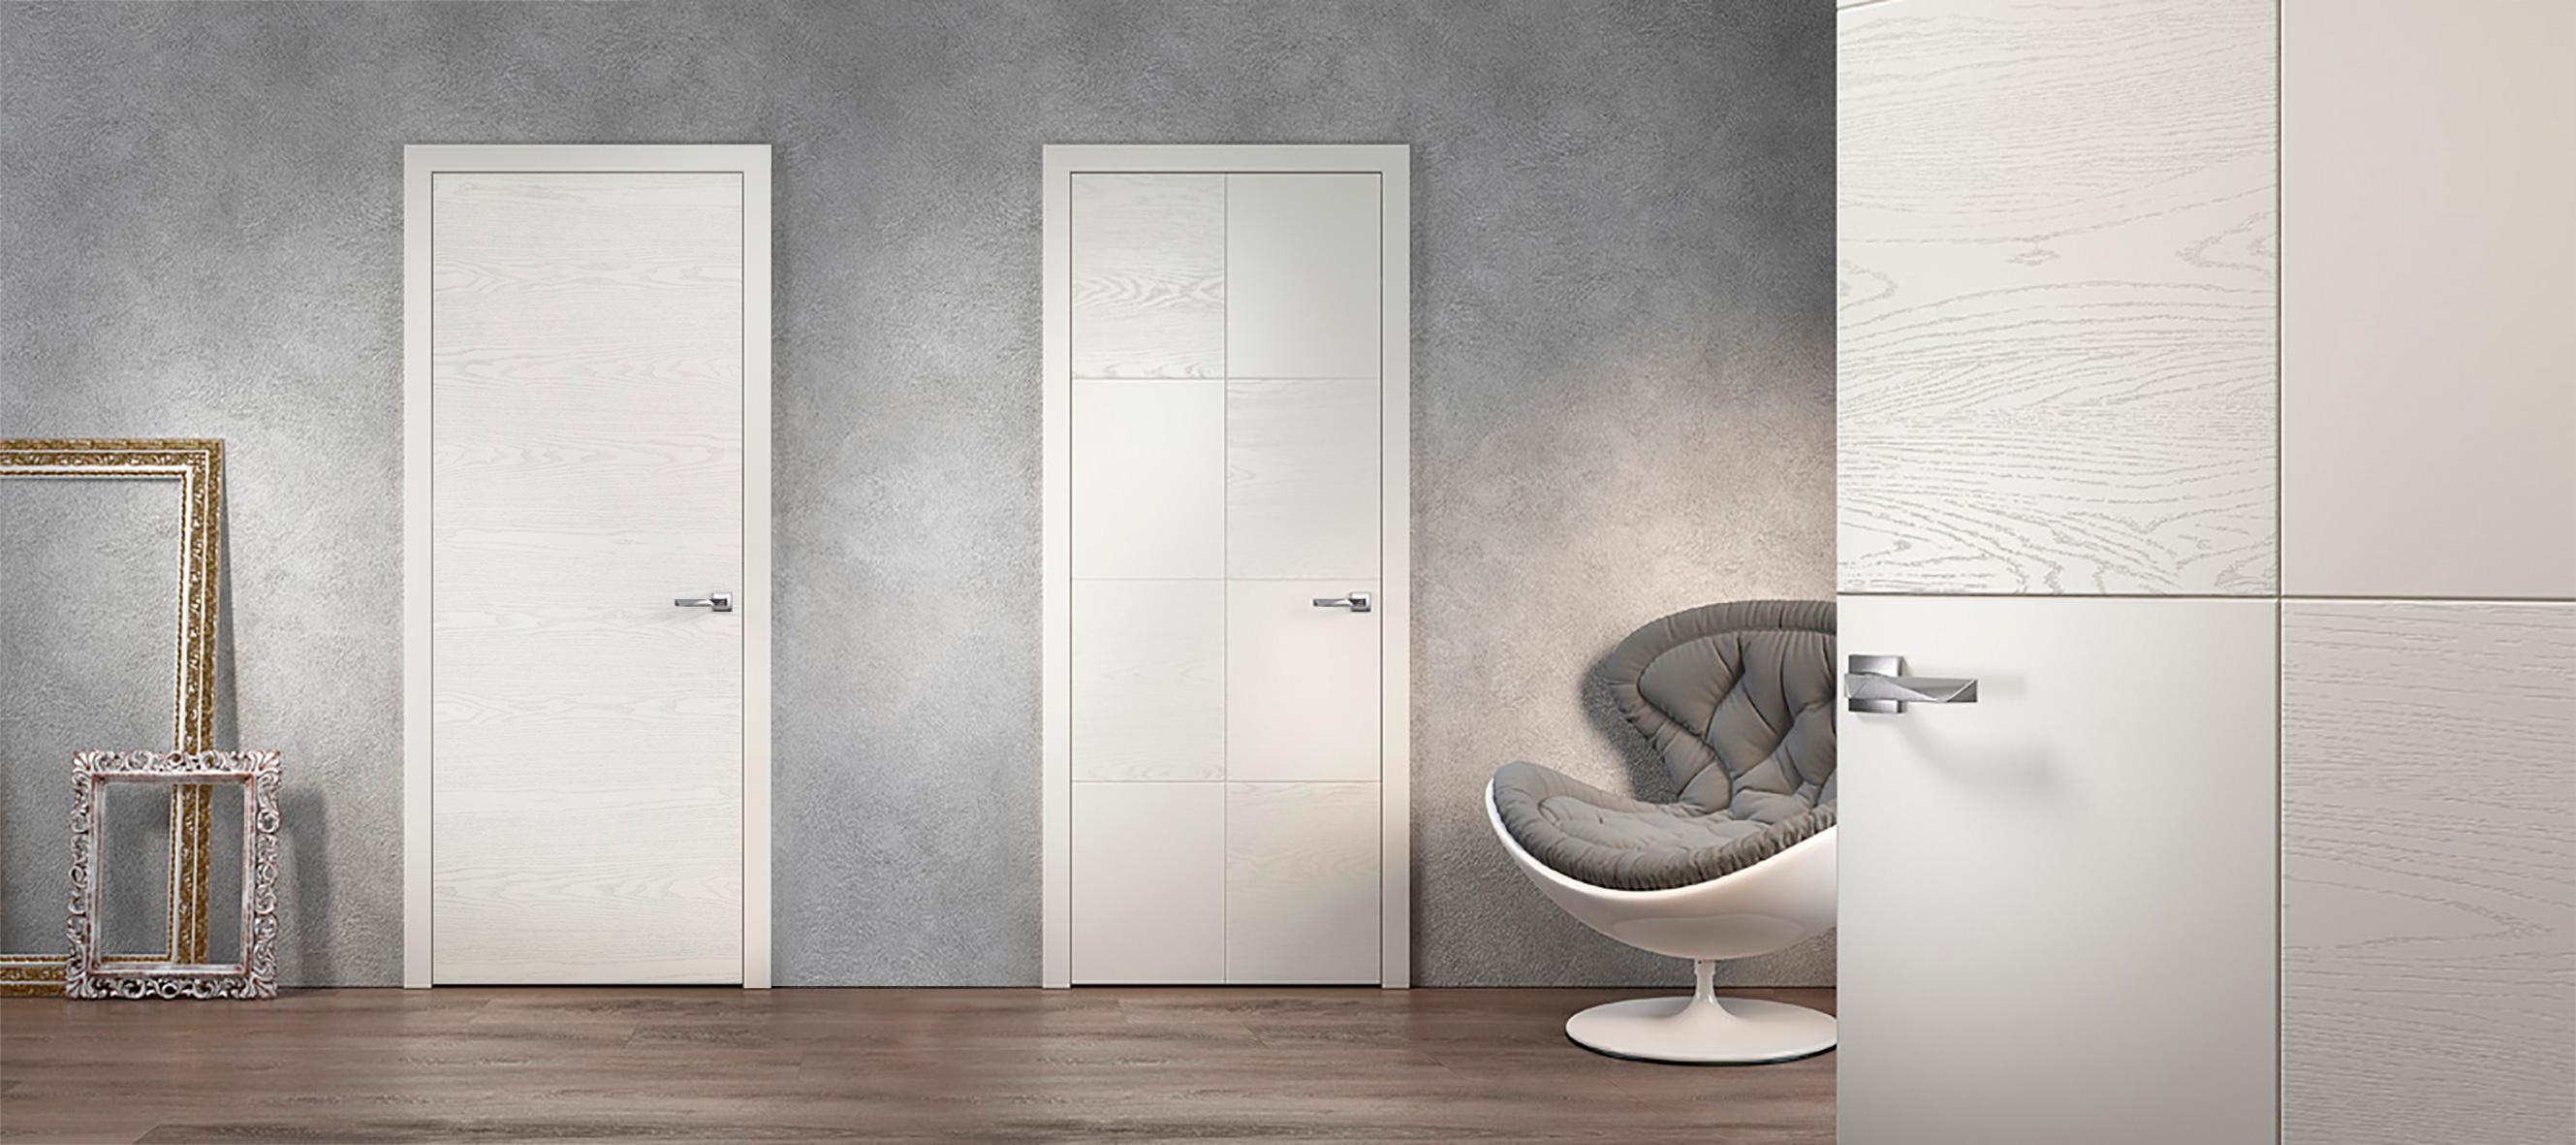 На фото: Особенности щитовых межкомнатных дверей, автор: admin